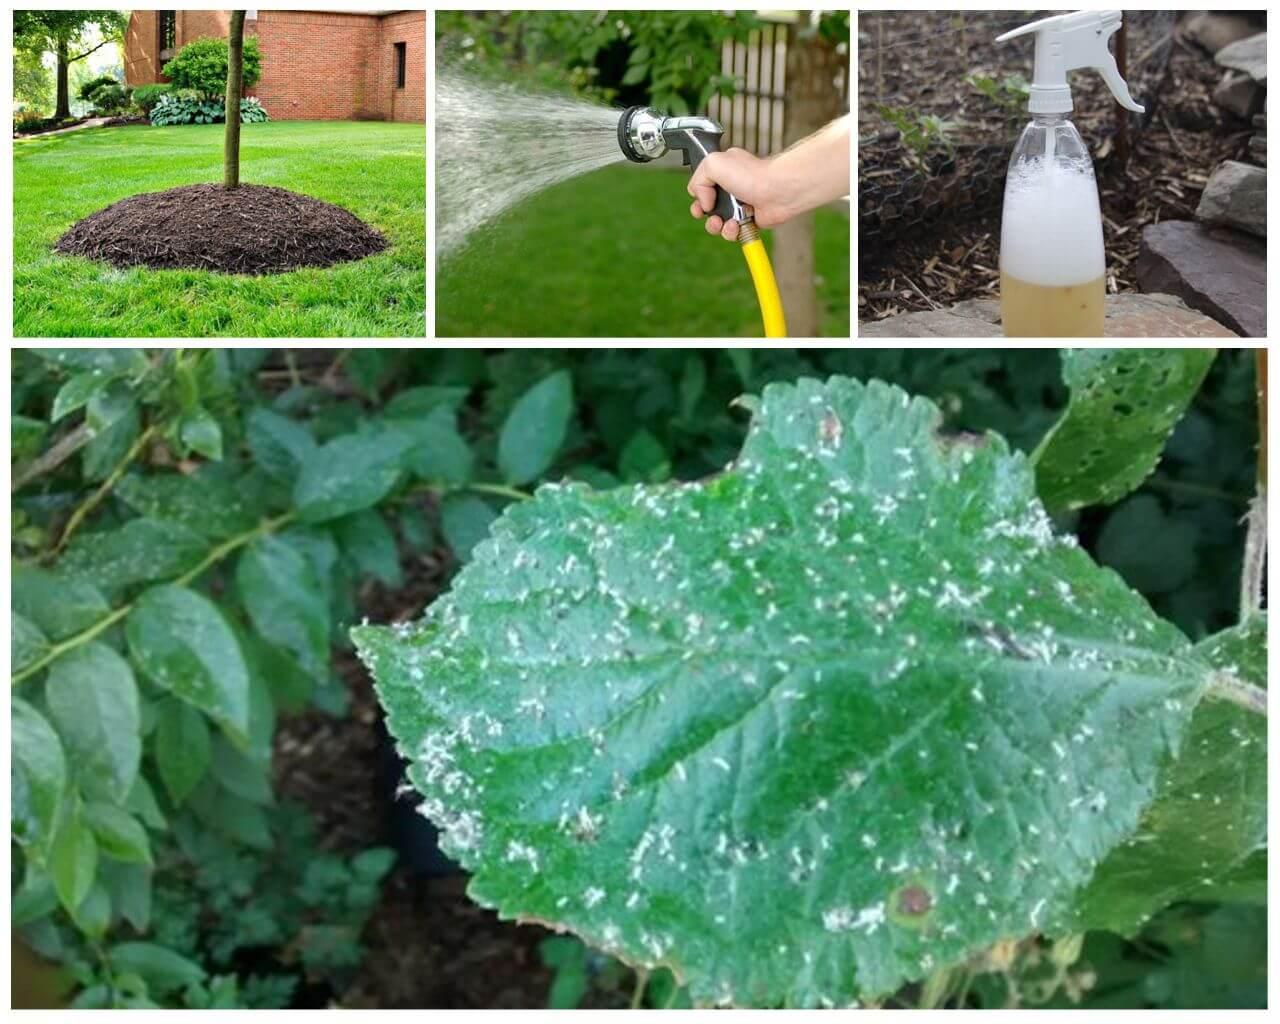 Методы борьбы с тлей в саду и огороде